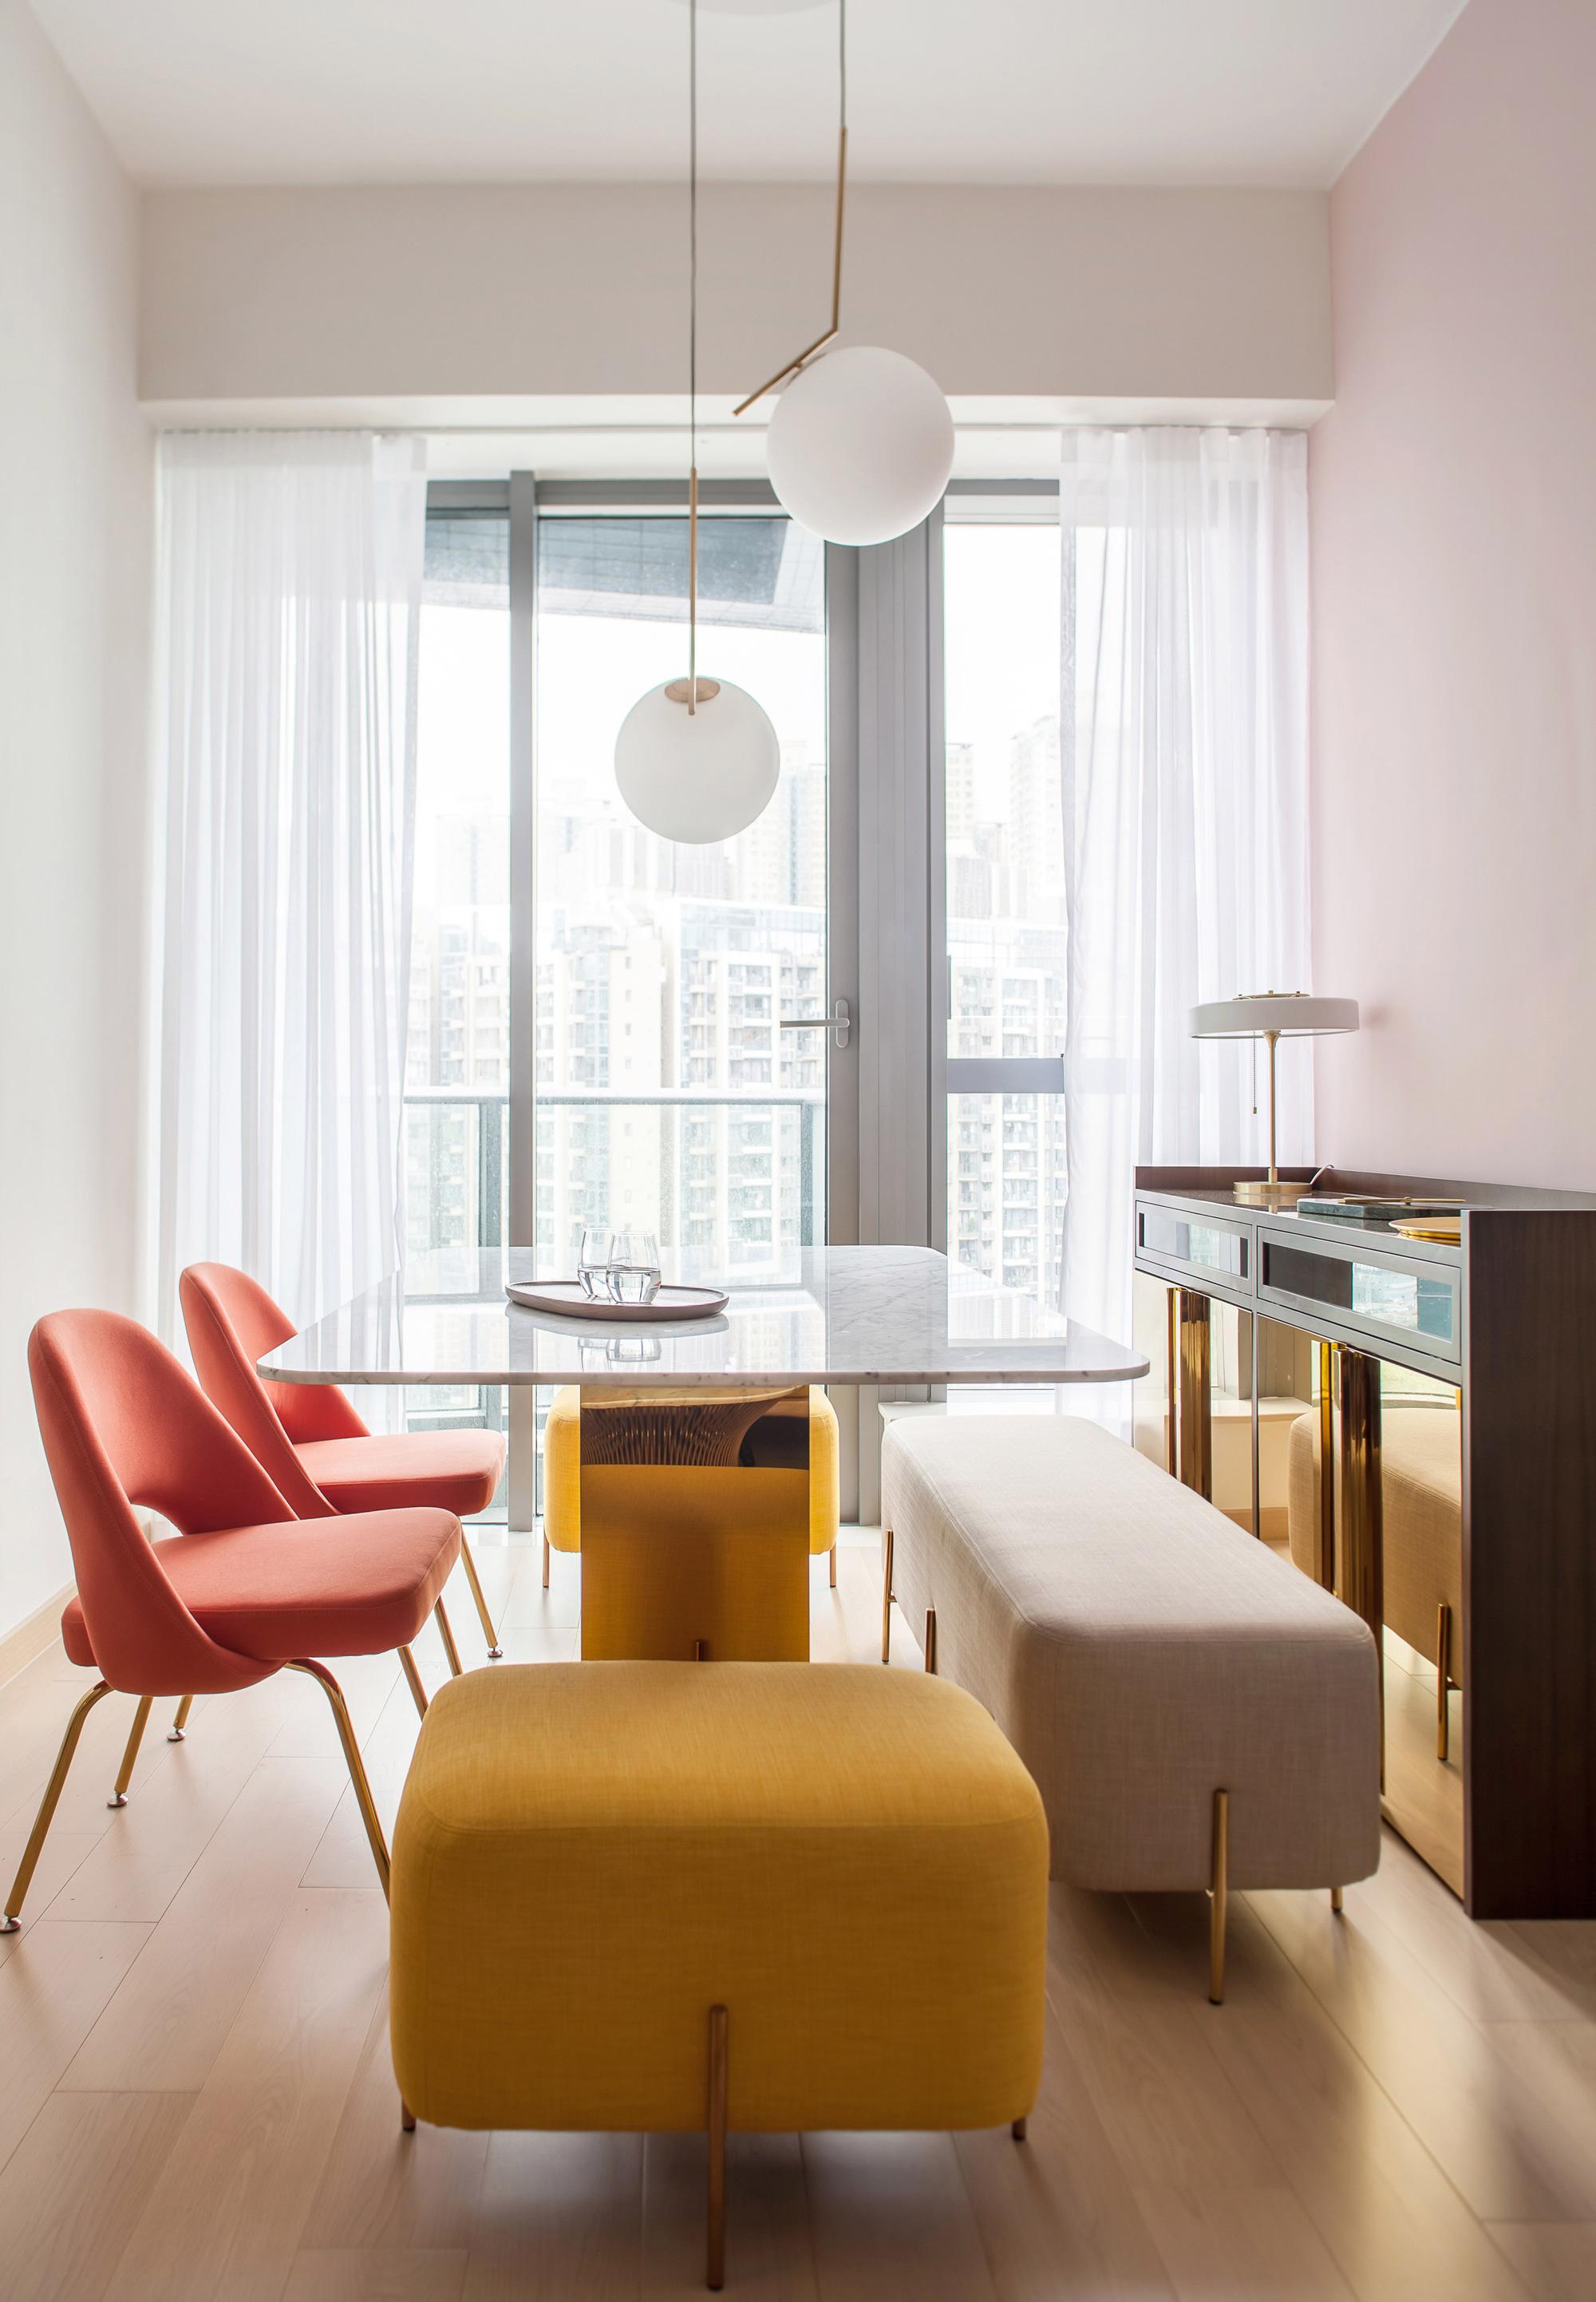 Thiết kế căn hộ với tường và đồ nội thất có màu rực rỡ dành riêng cho chủ nhân thiết kế thời trang - Ảnh 3.